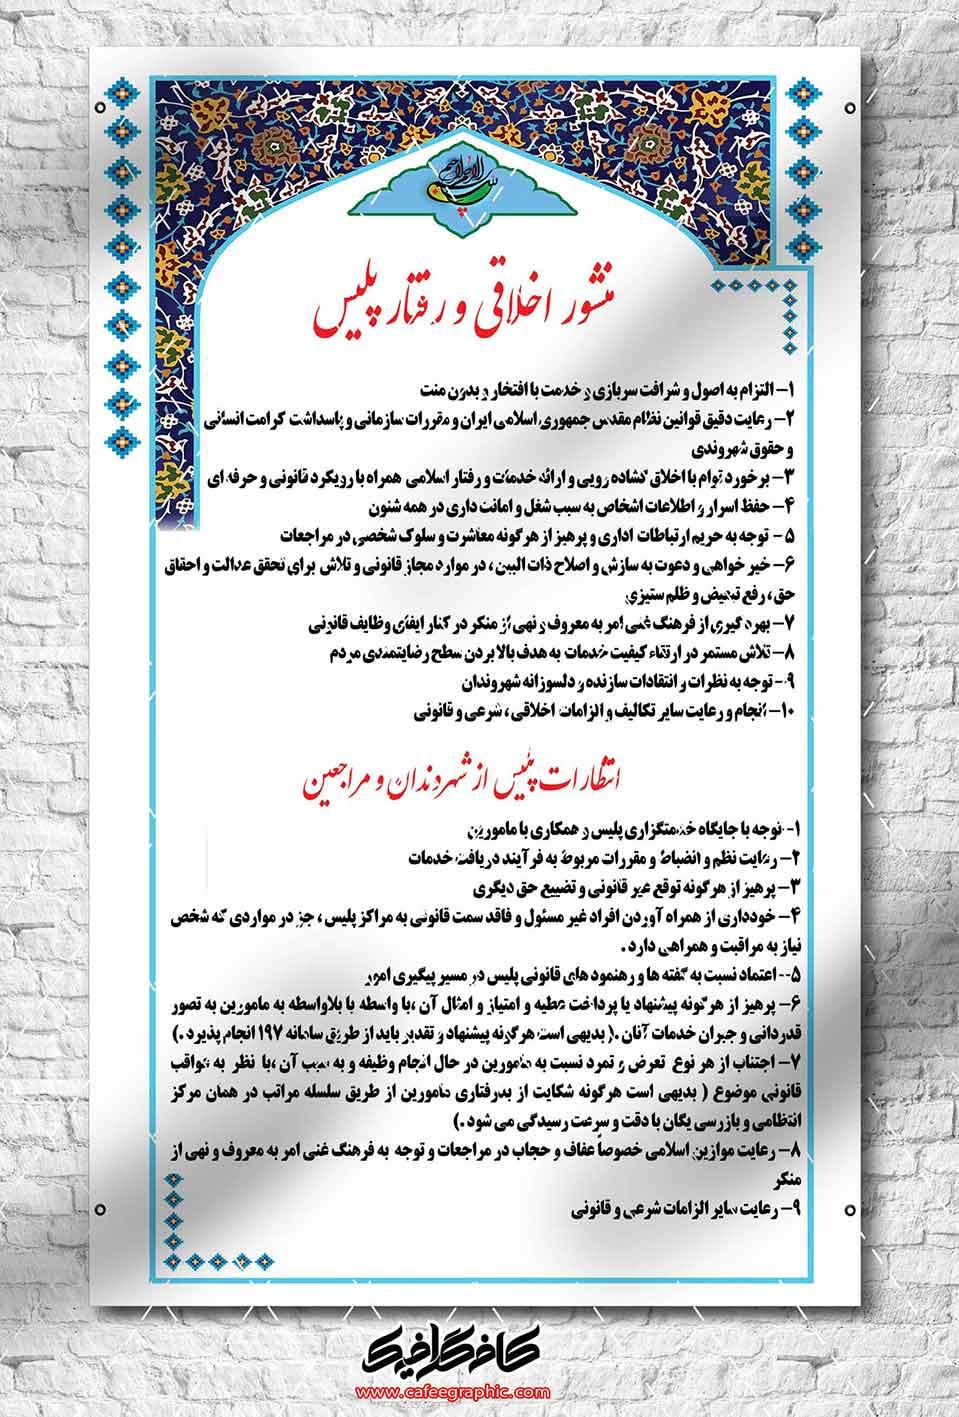 طرح لایه باز منشور اخلاقی کارکنان نیروی انتظامی